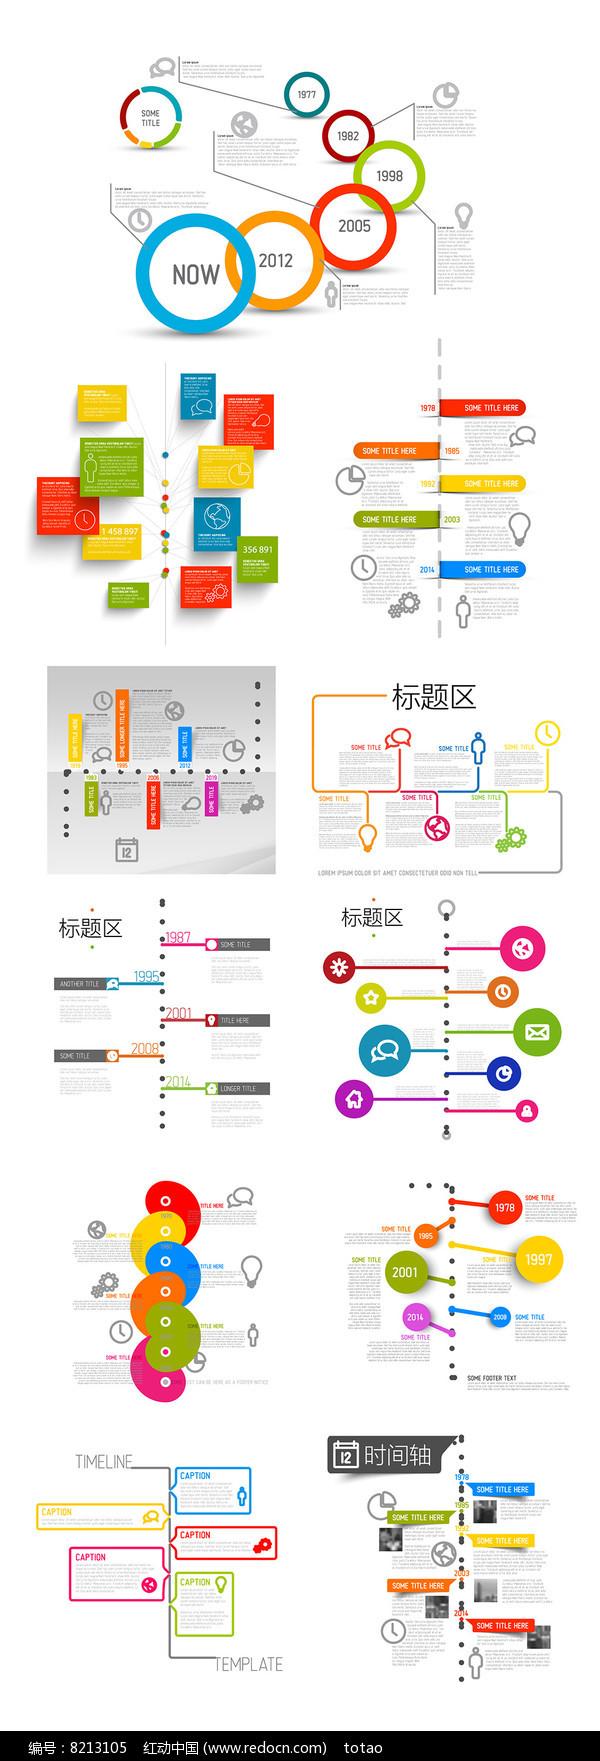 时间轴时尚数据图设计元素图片